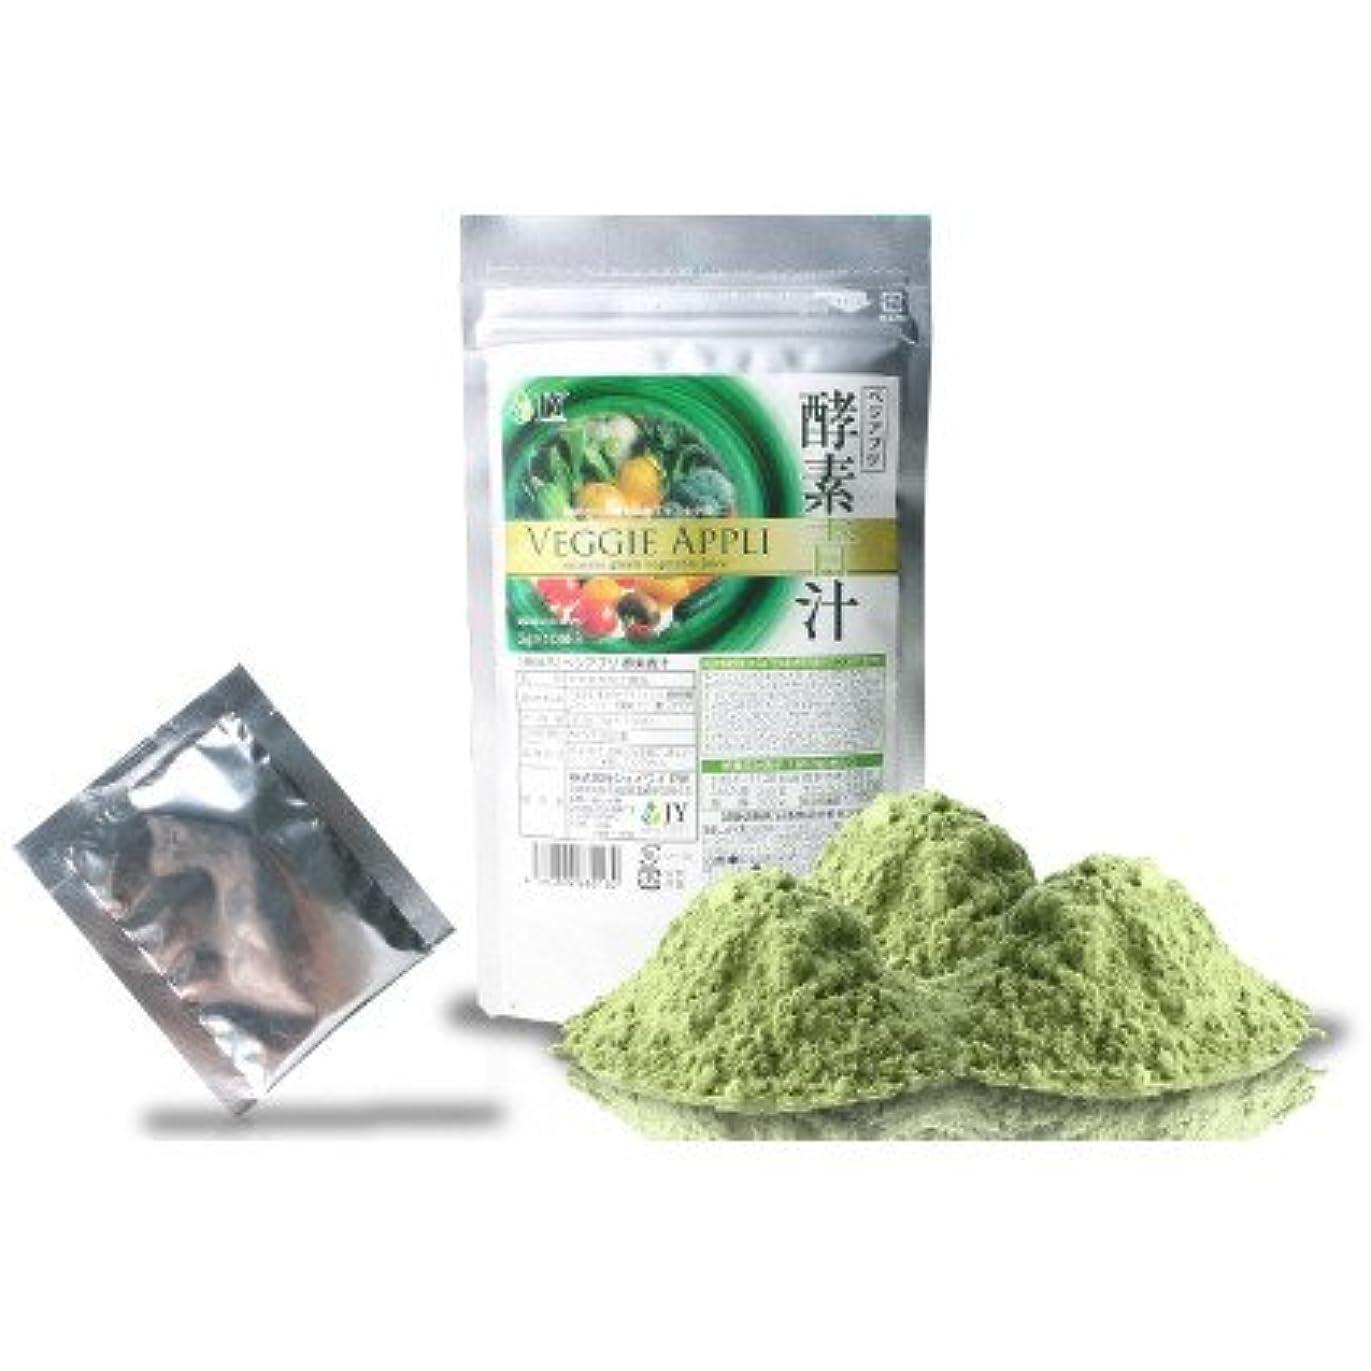 教え副産物分布酵素と青汁と乳酸菌、効率よくダイエットをサポート『ベジアプリ 酵素青汁 約10日間お試しサイズ10包入り』